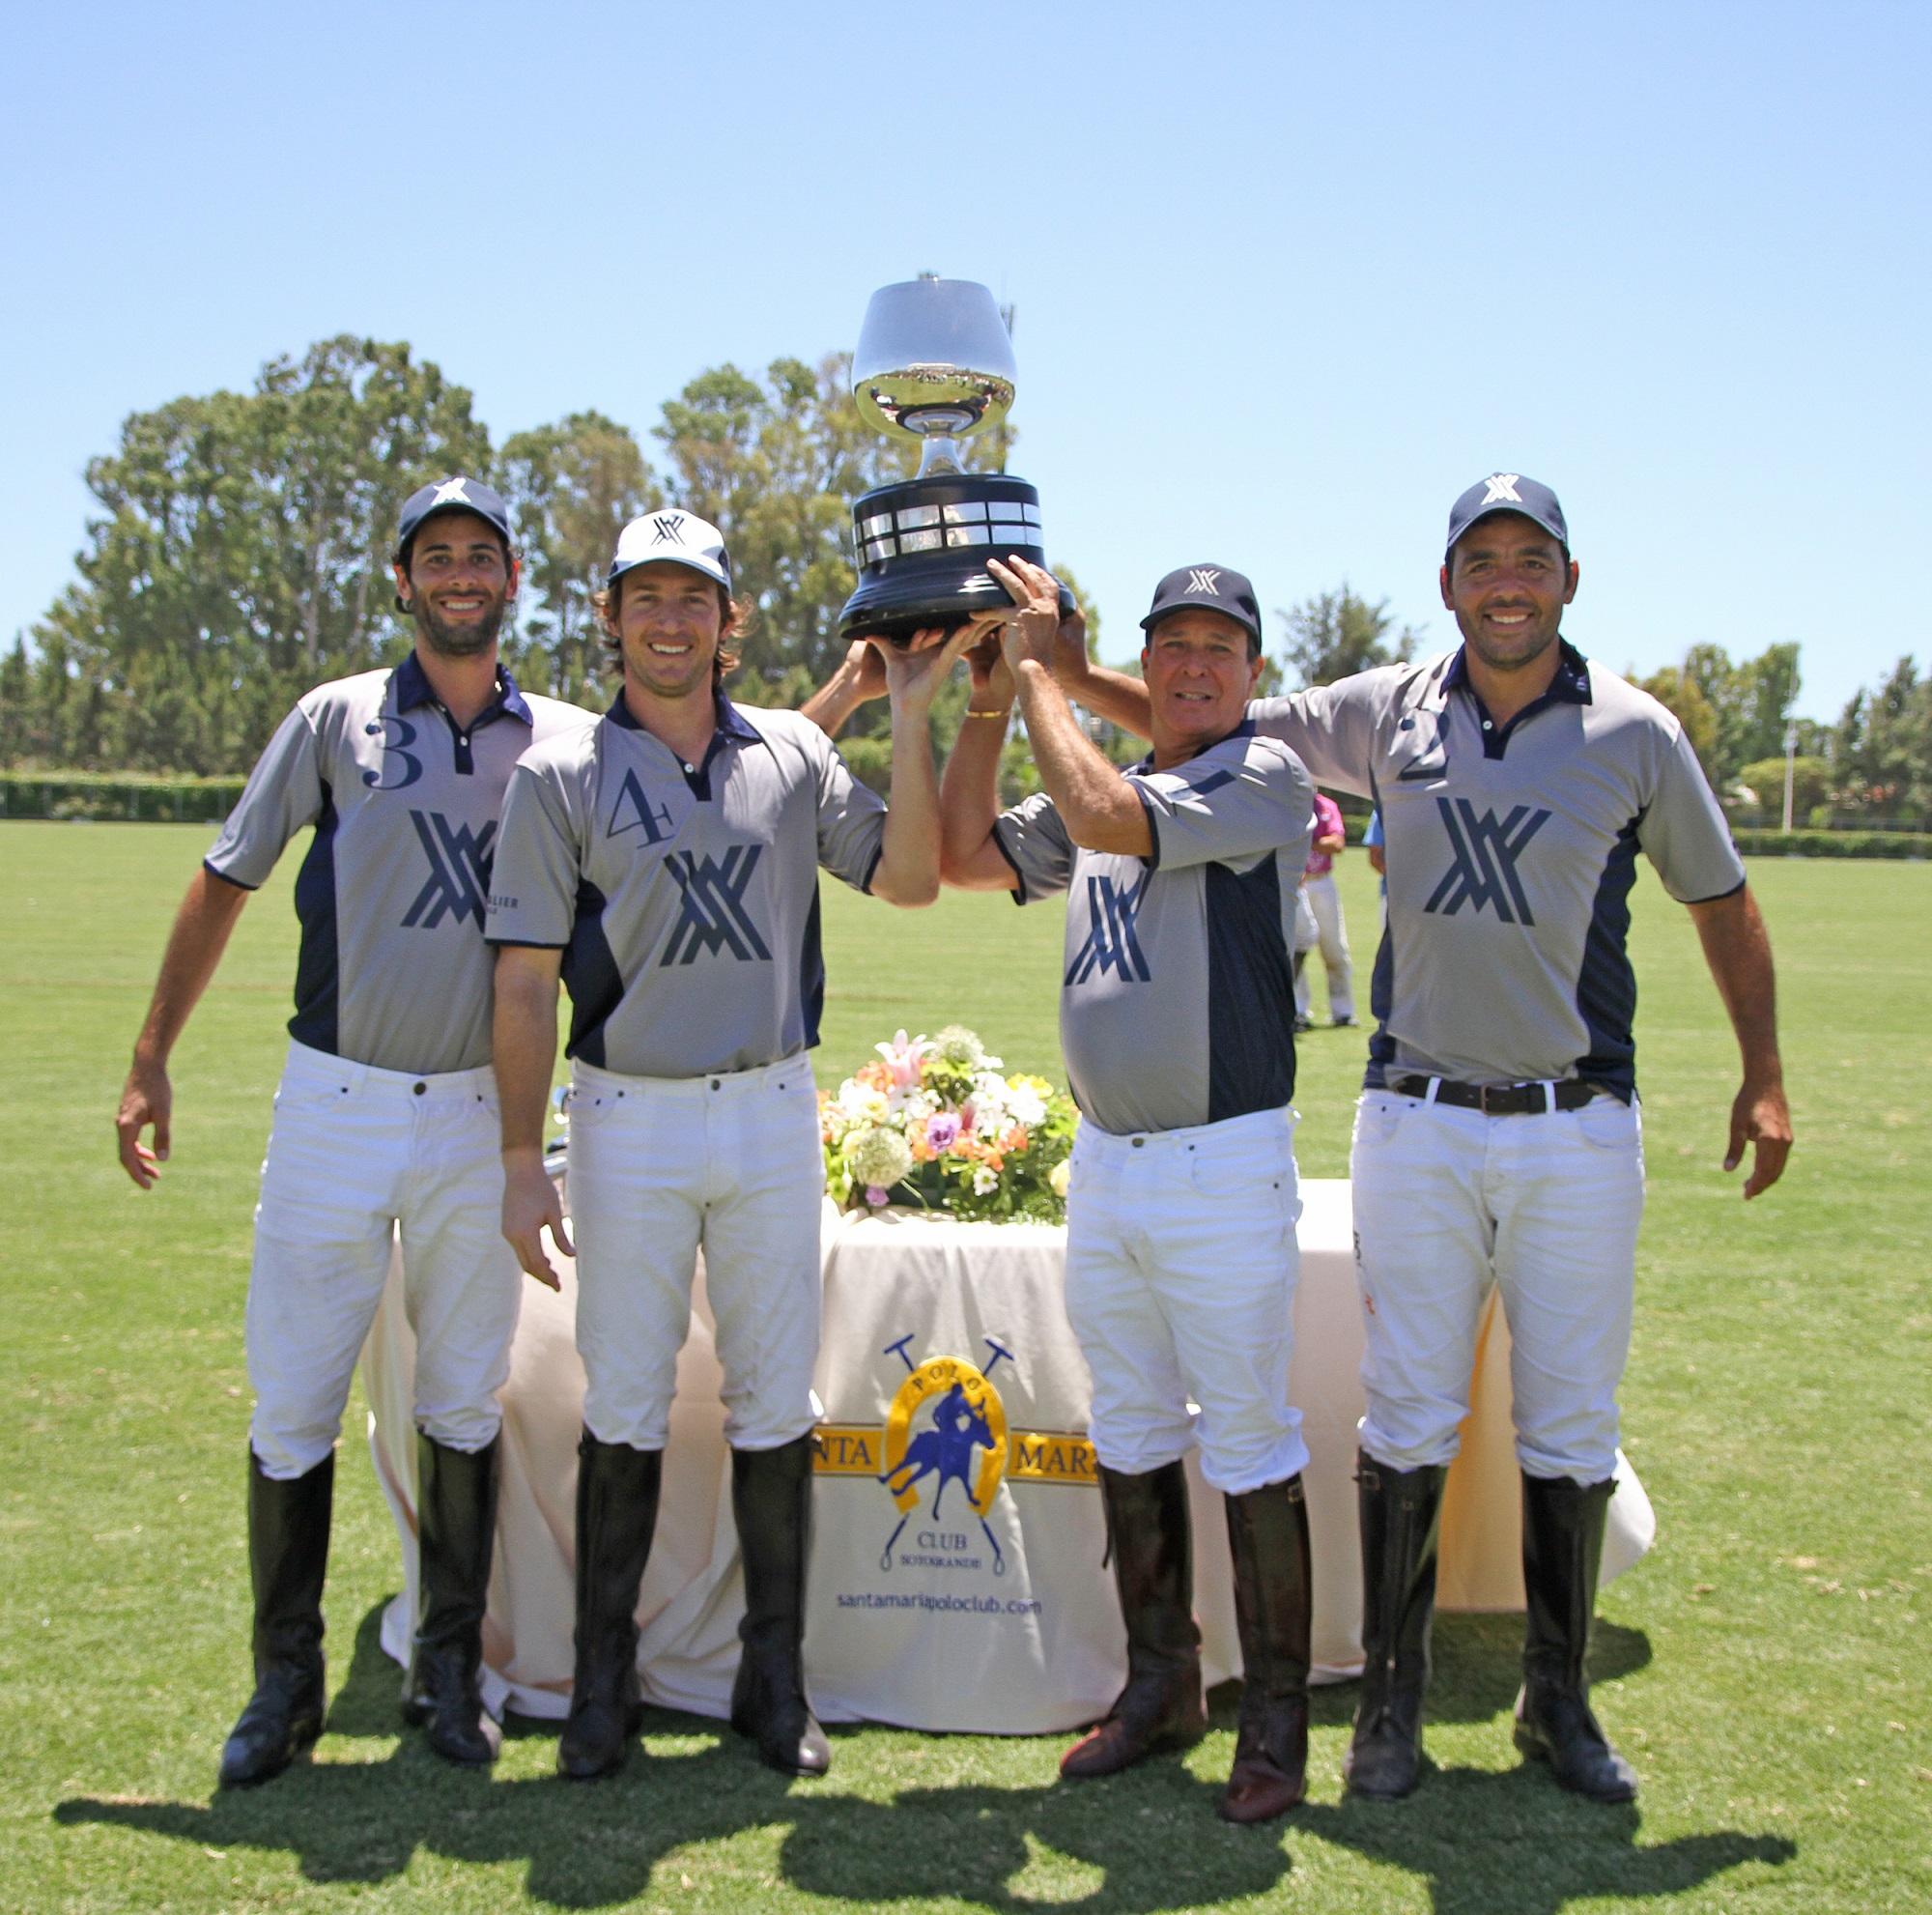 2017-07-02 Santa María Polo Club (Ayala Polo Team - campeón de la XIII Copa Jerez de Polo)b (2)